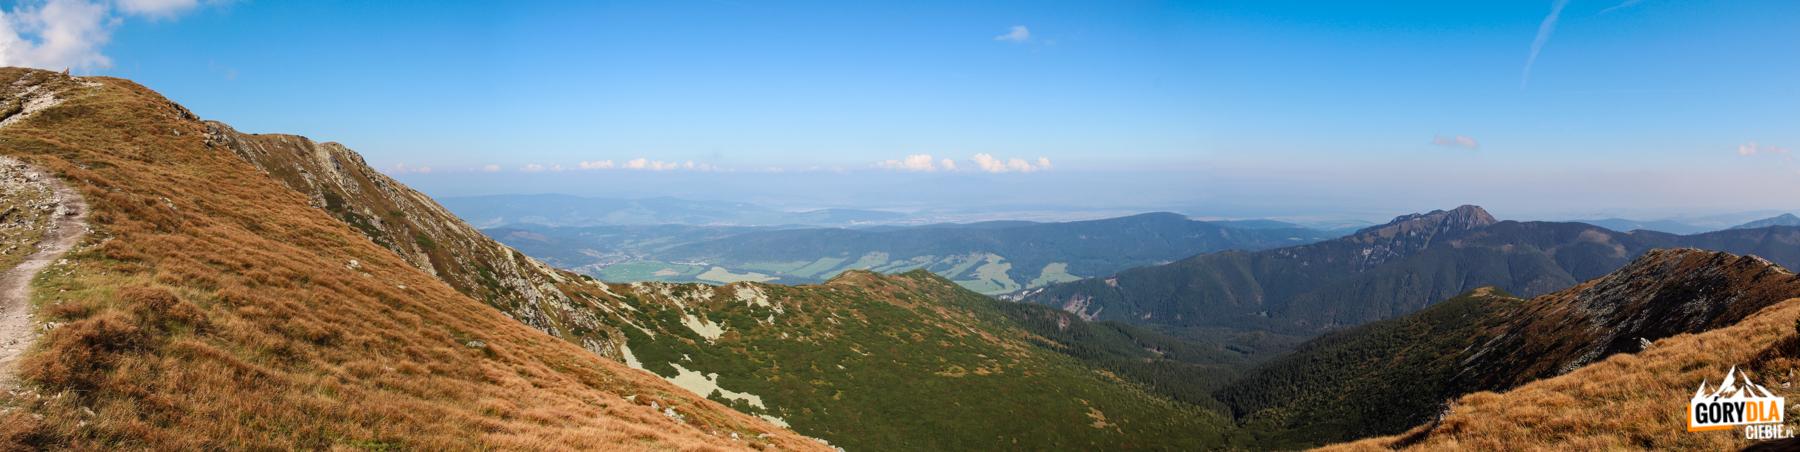 Widok zgrani Przedniego Salatyna (1815 m) naOsobitą (1687 m)